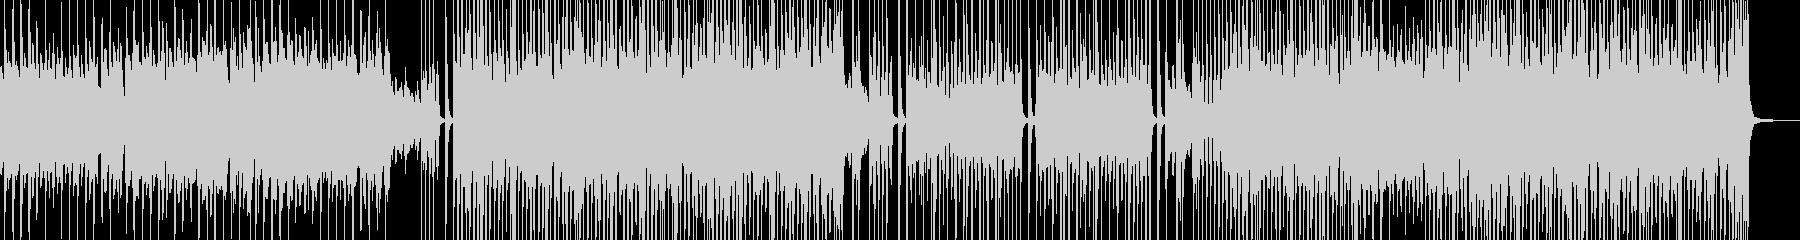 ピクニックシーンに・スィングポップ H2の未再生の波形